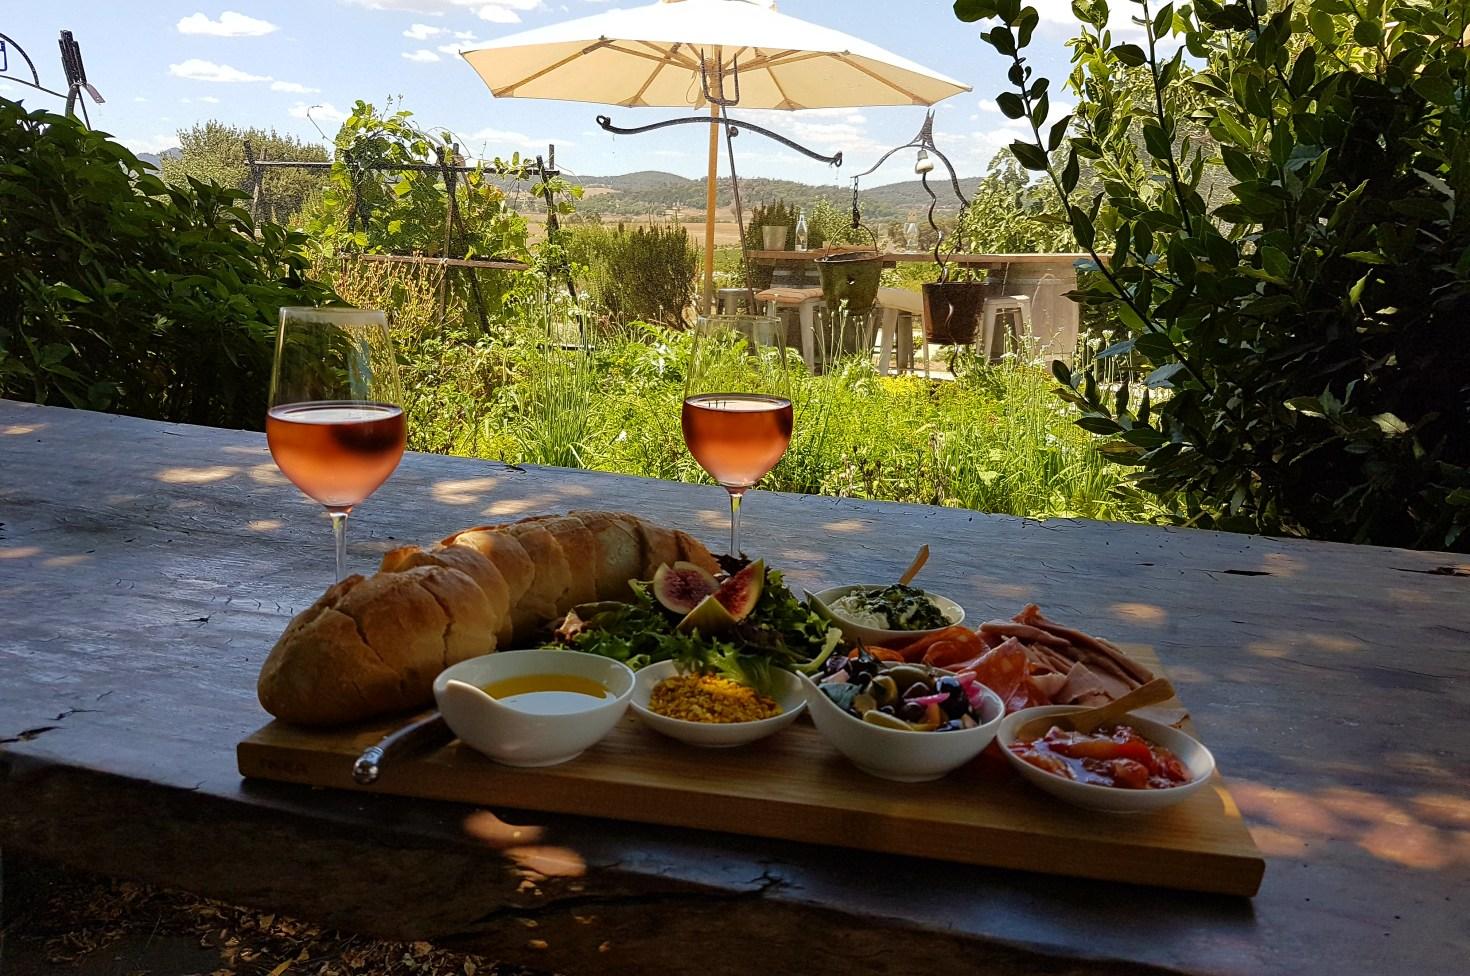 Lowe Wines Lunch Platter